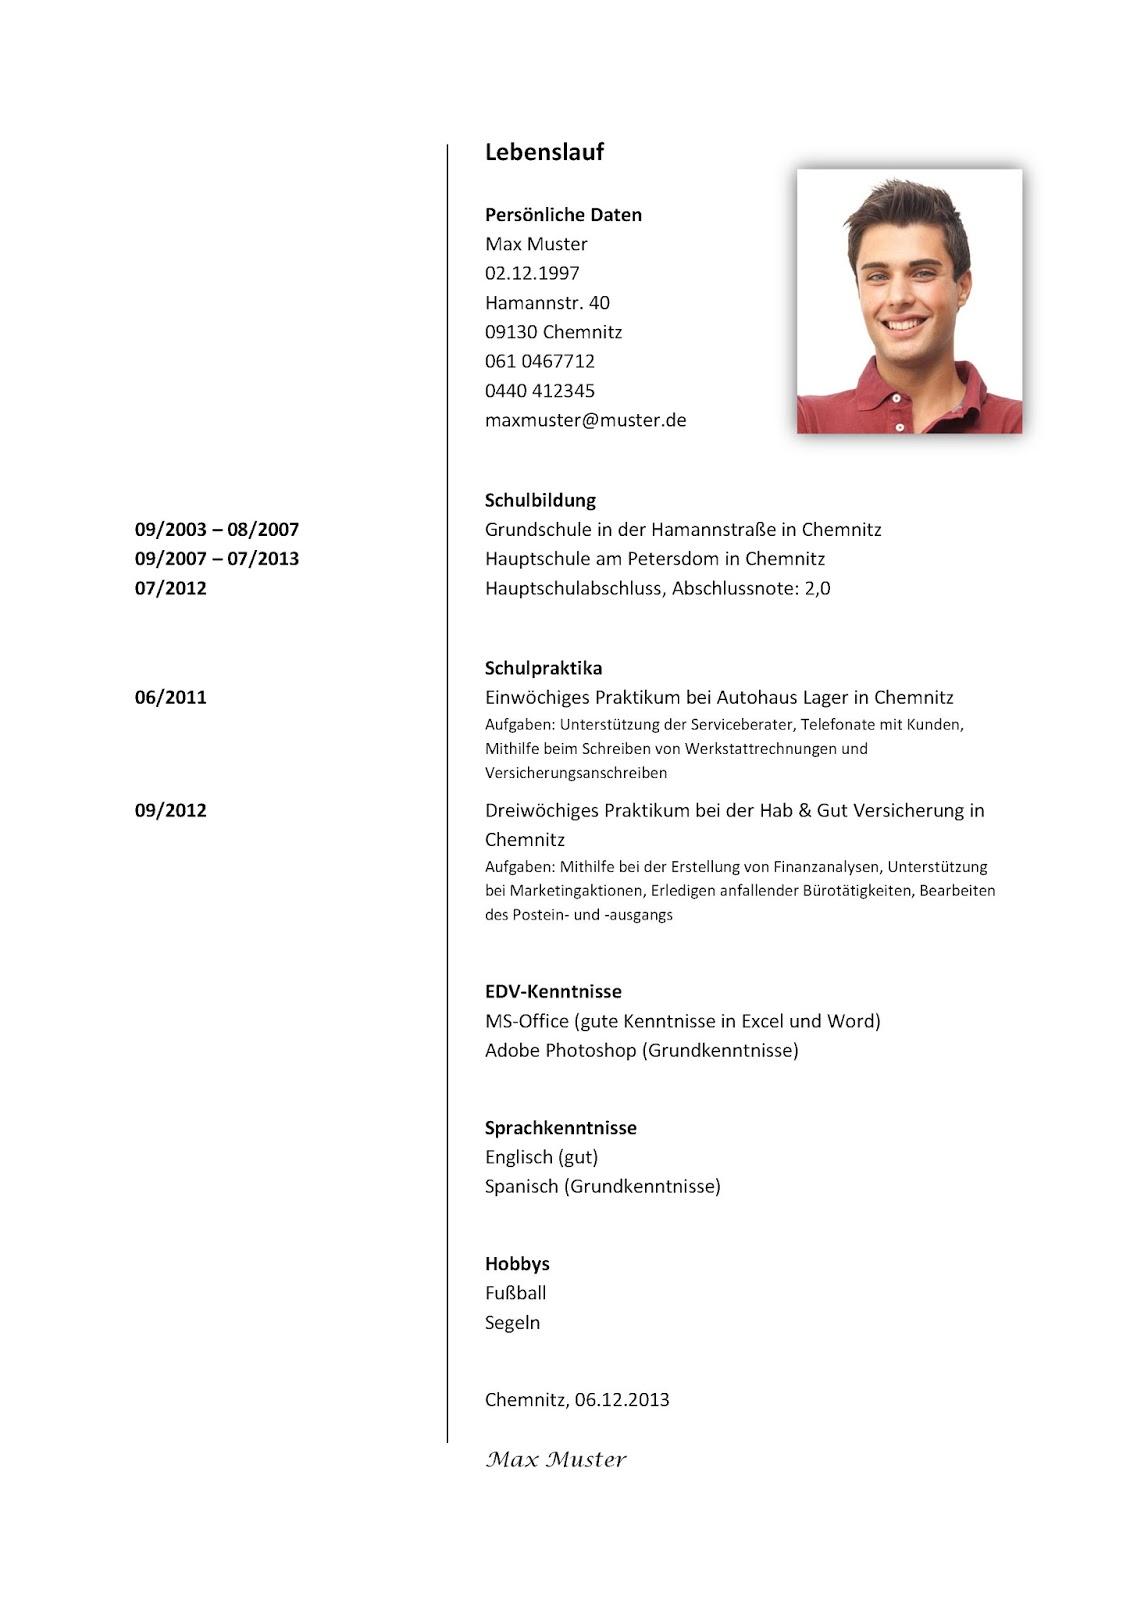 cv beispiel schweiz 7 - Lebenslauf Schweiz